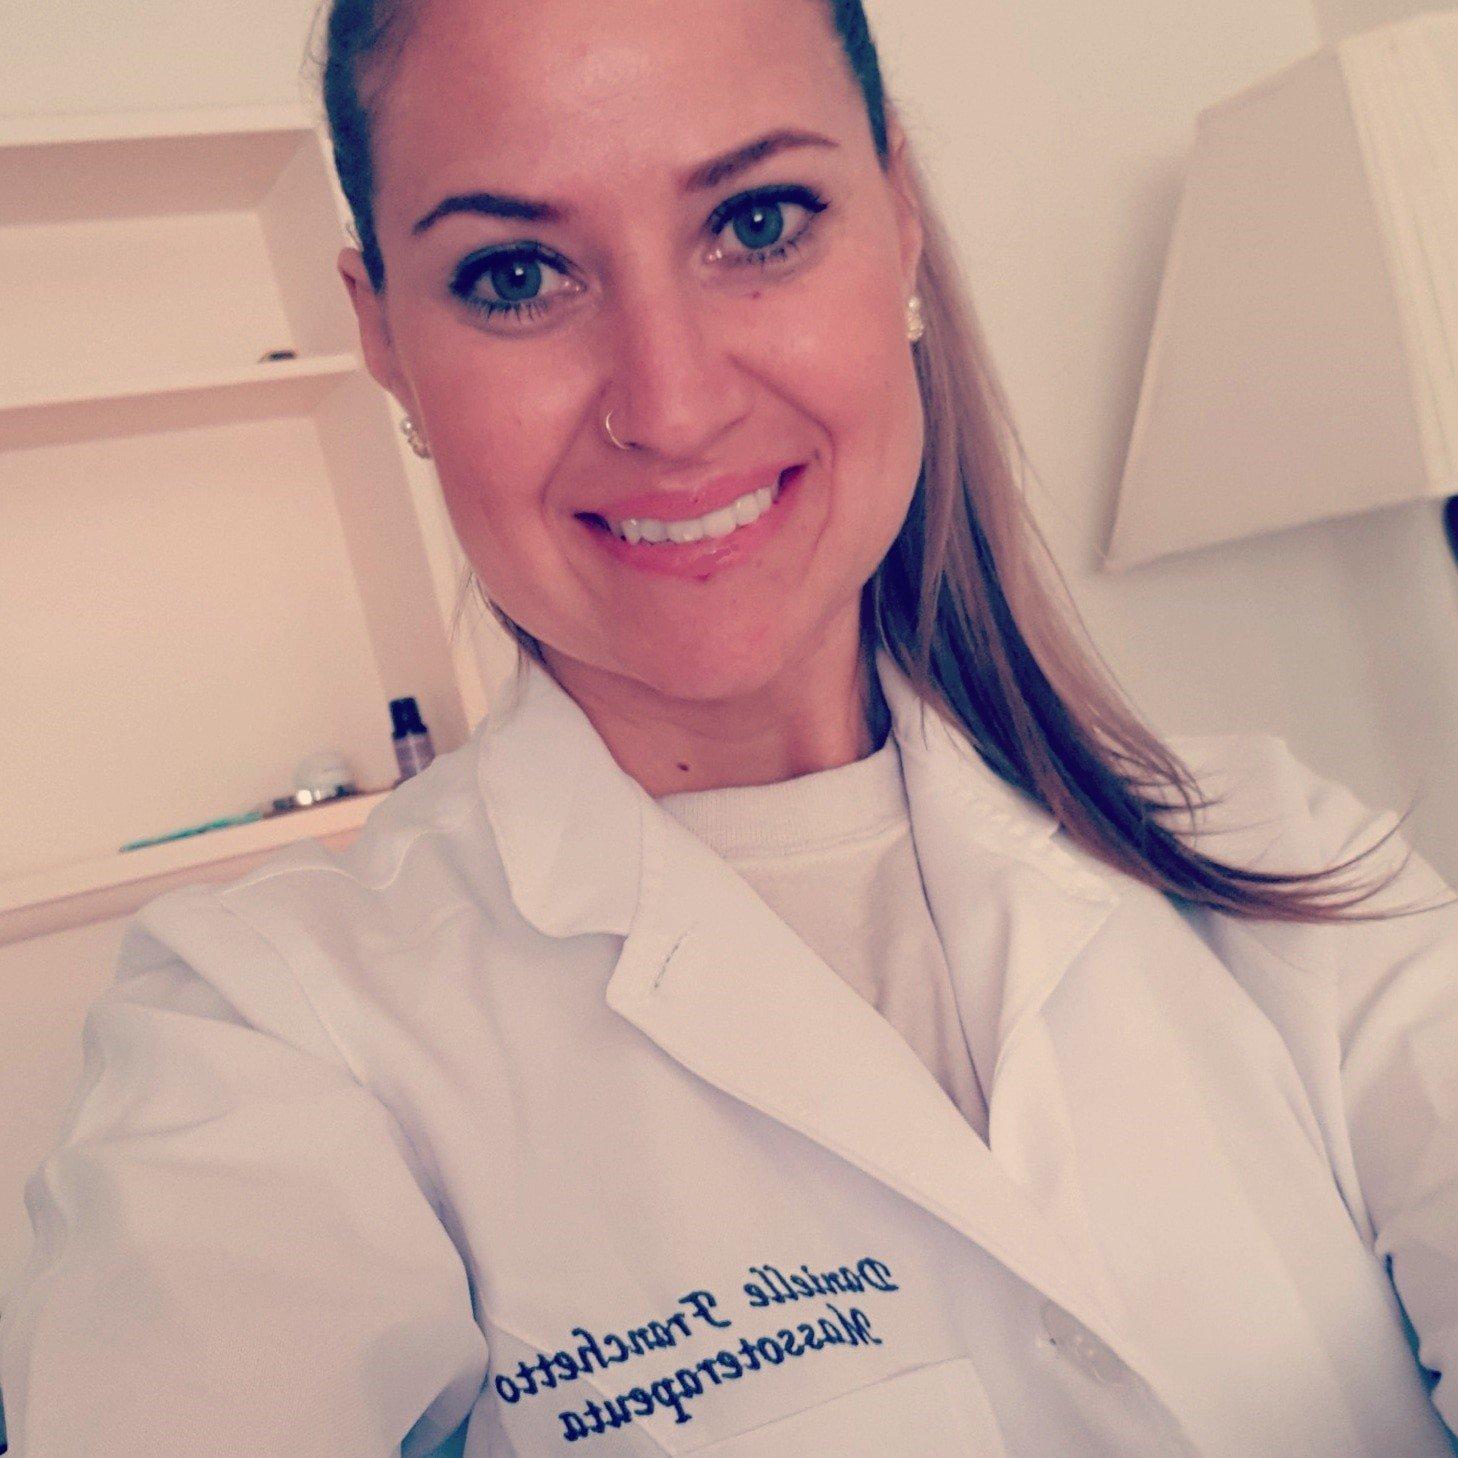 Enjoy a treatment from massage expert Danielle Pereira